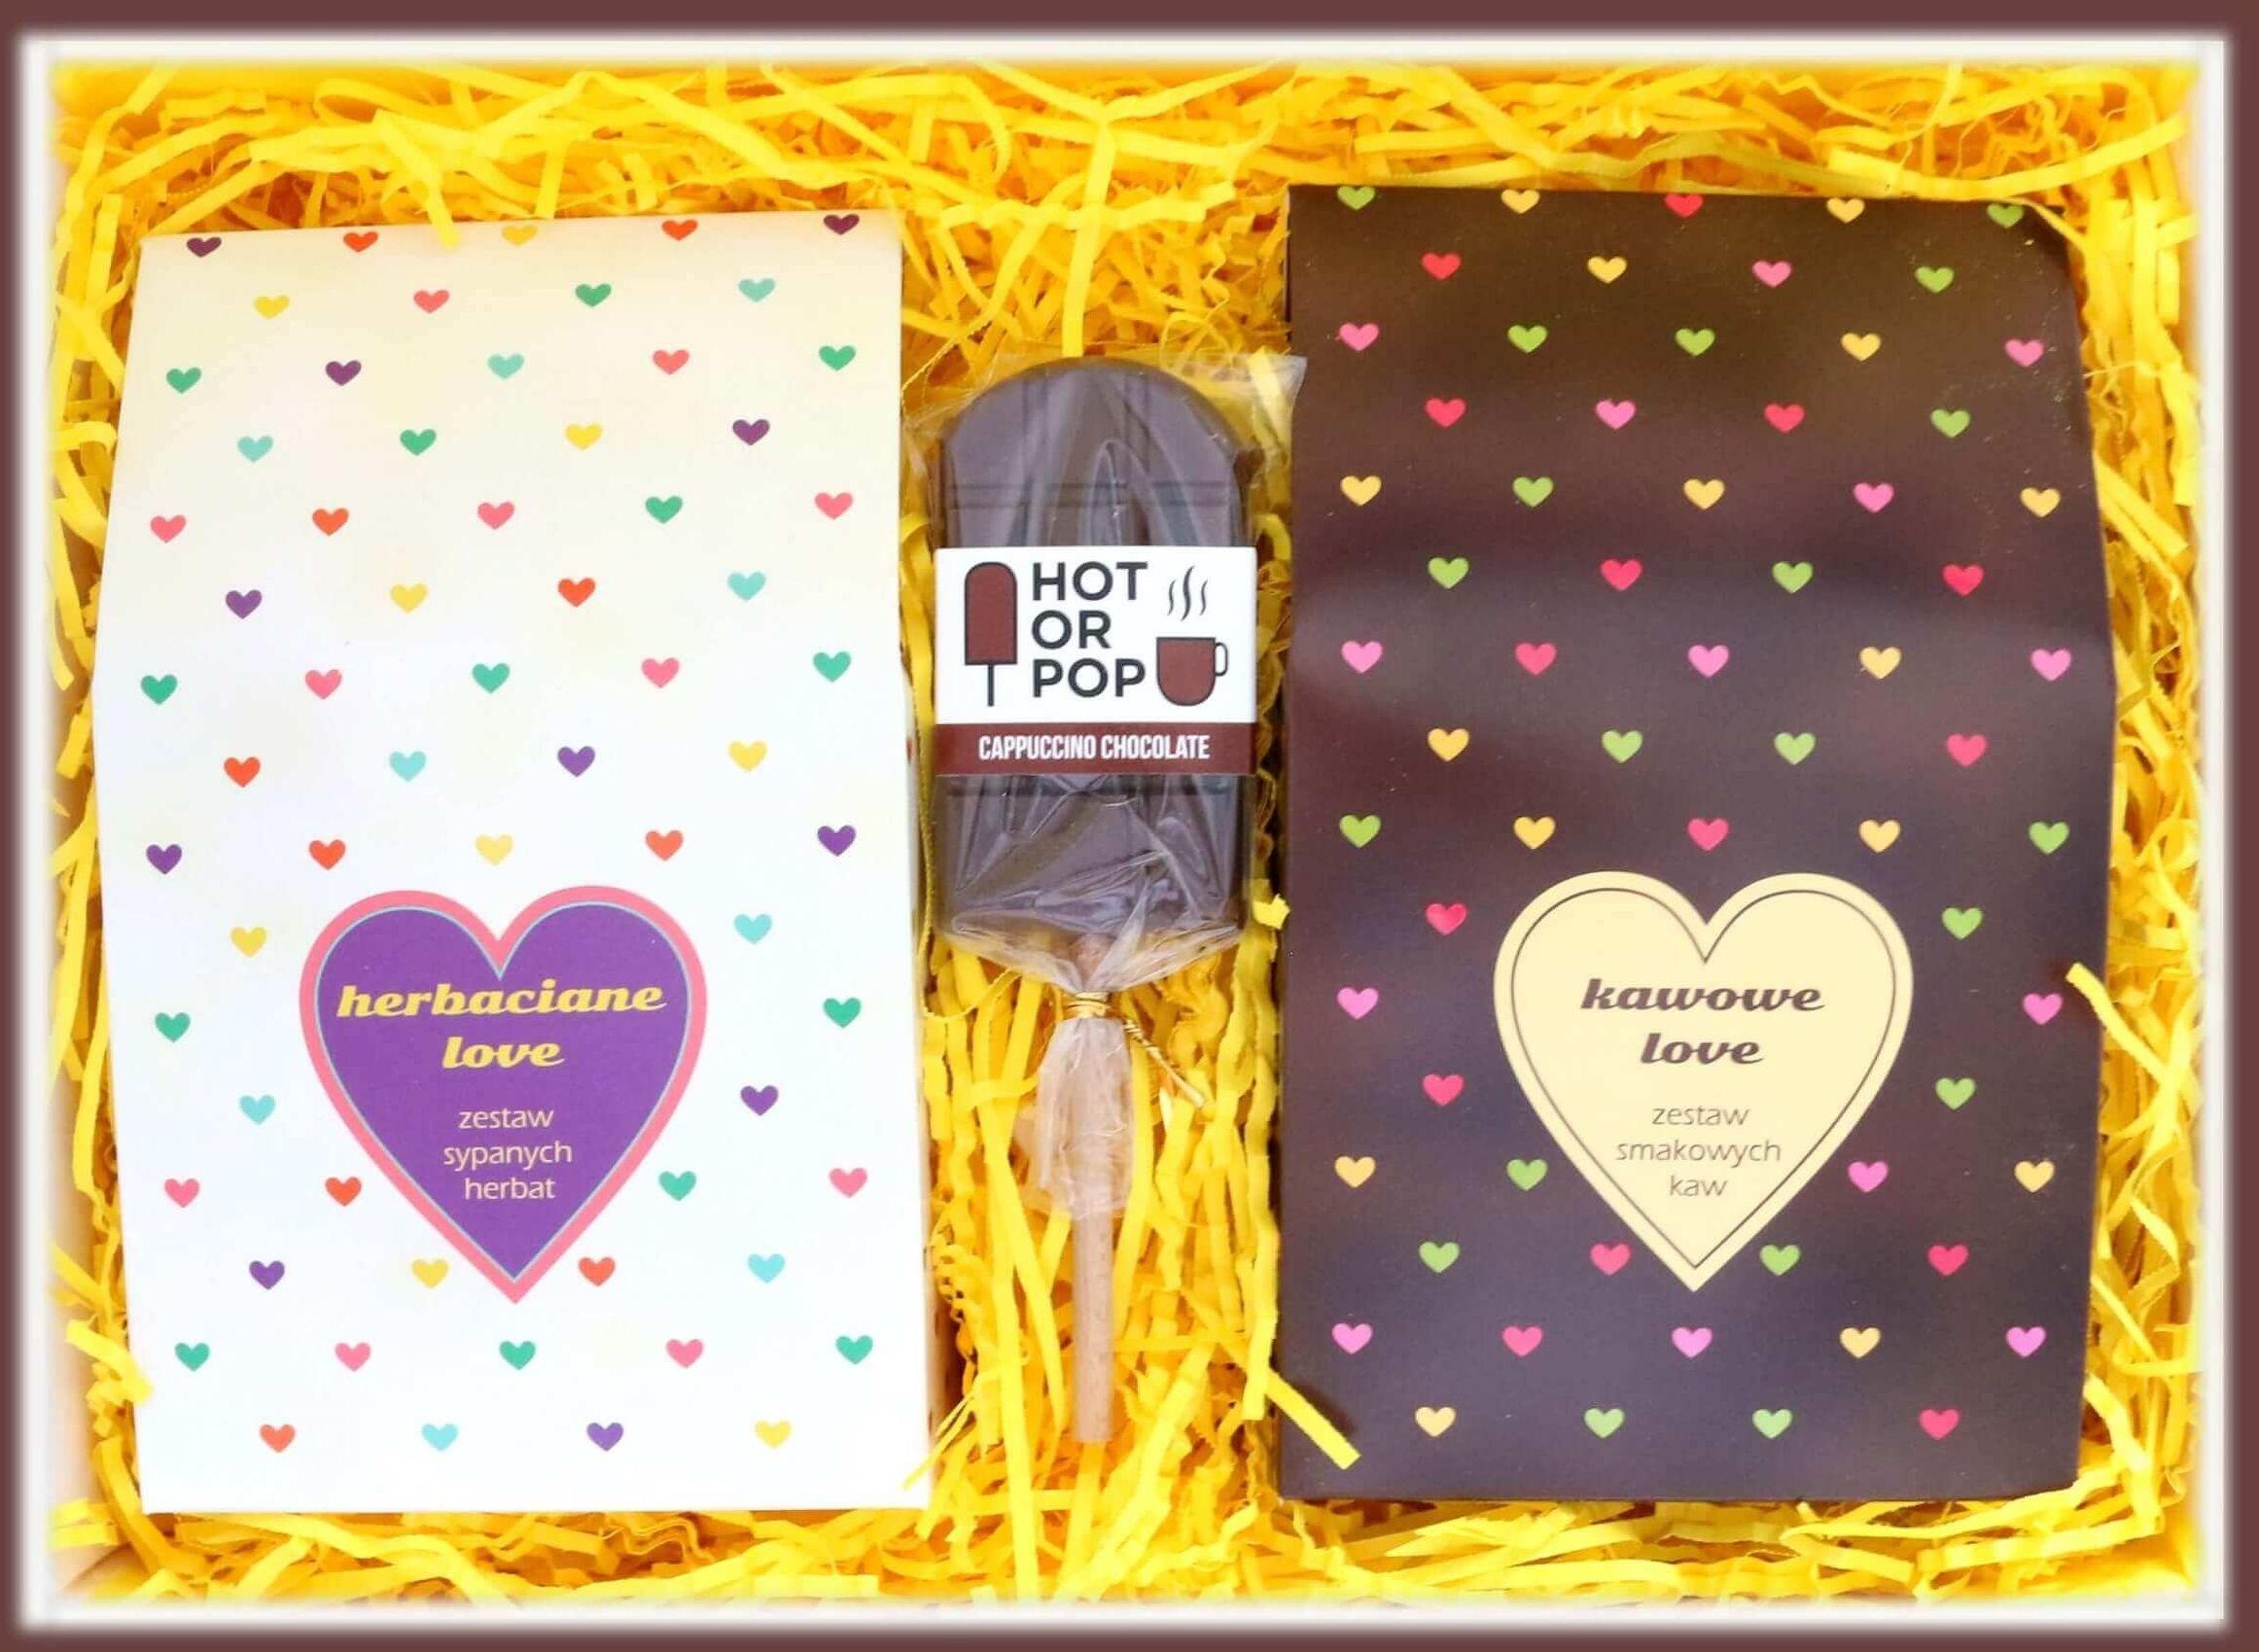 Zestaw prezentowy dla zakochanych Lovebox DOBRANA PARA. Zestaw 10 saszetek - 10x 10g z kawą mieloną o różnych smakach, zestaw 10 saszetek - 10x 5/8g z różnymi rodzajami i smakami herbat oraz czekoladowy lizak z kawą